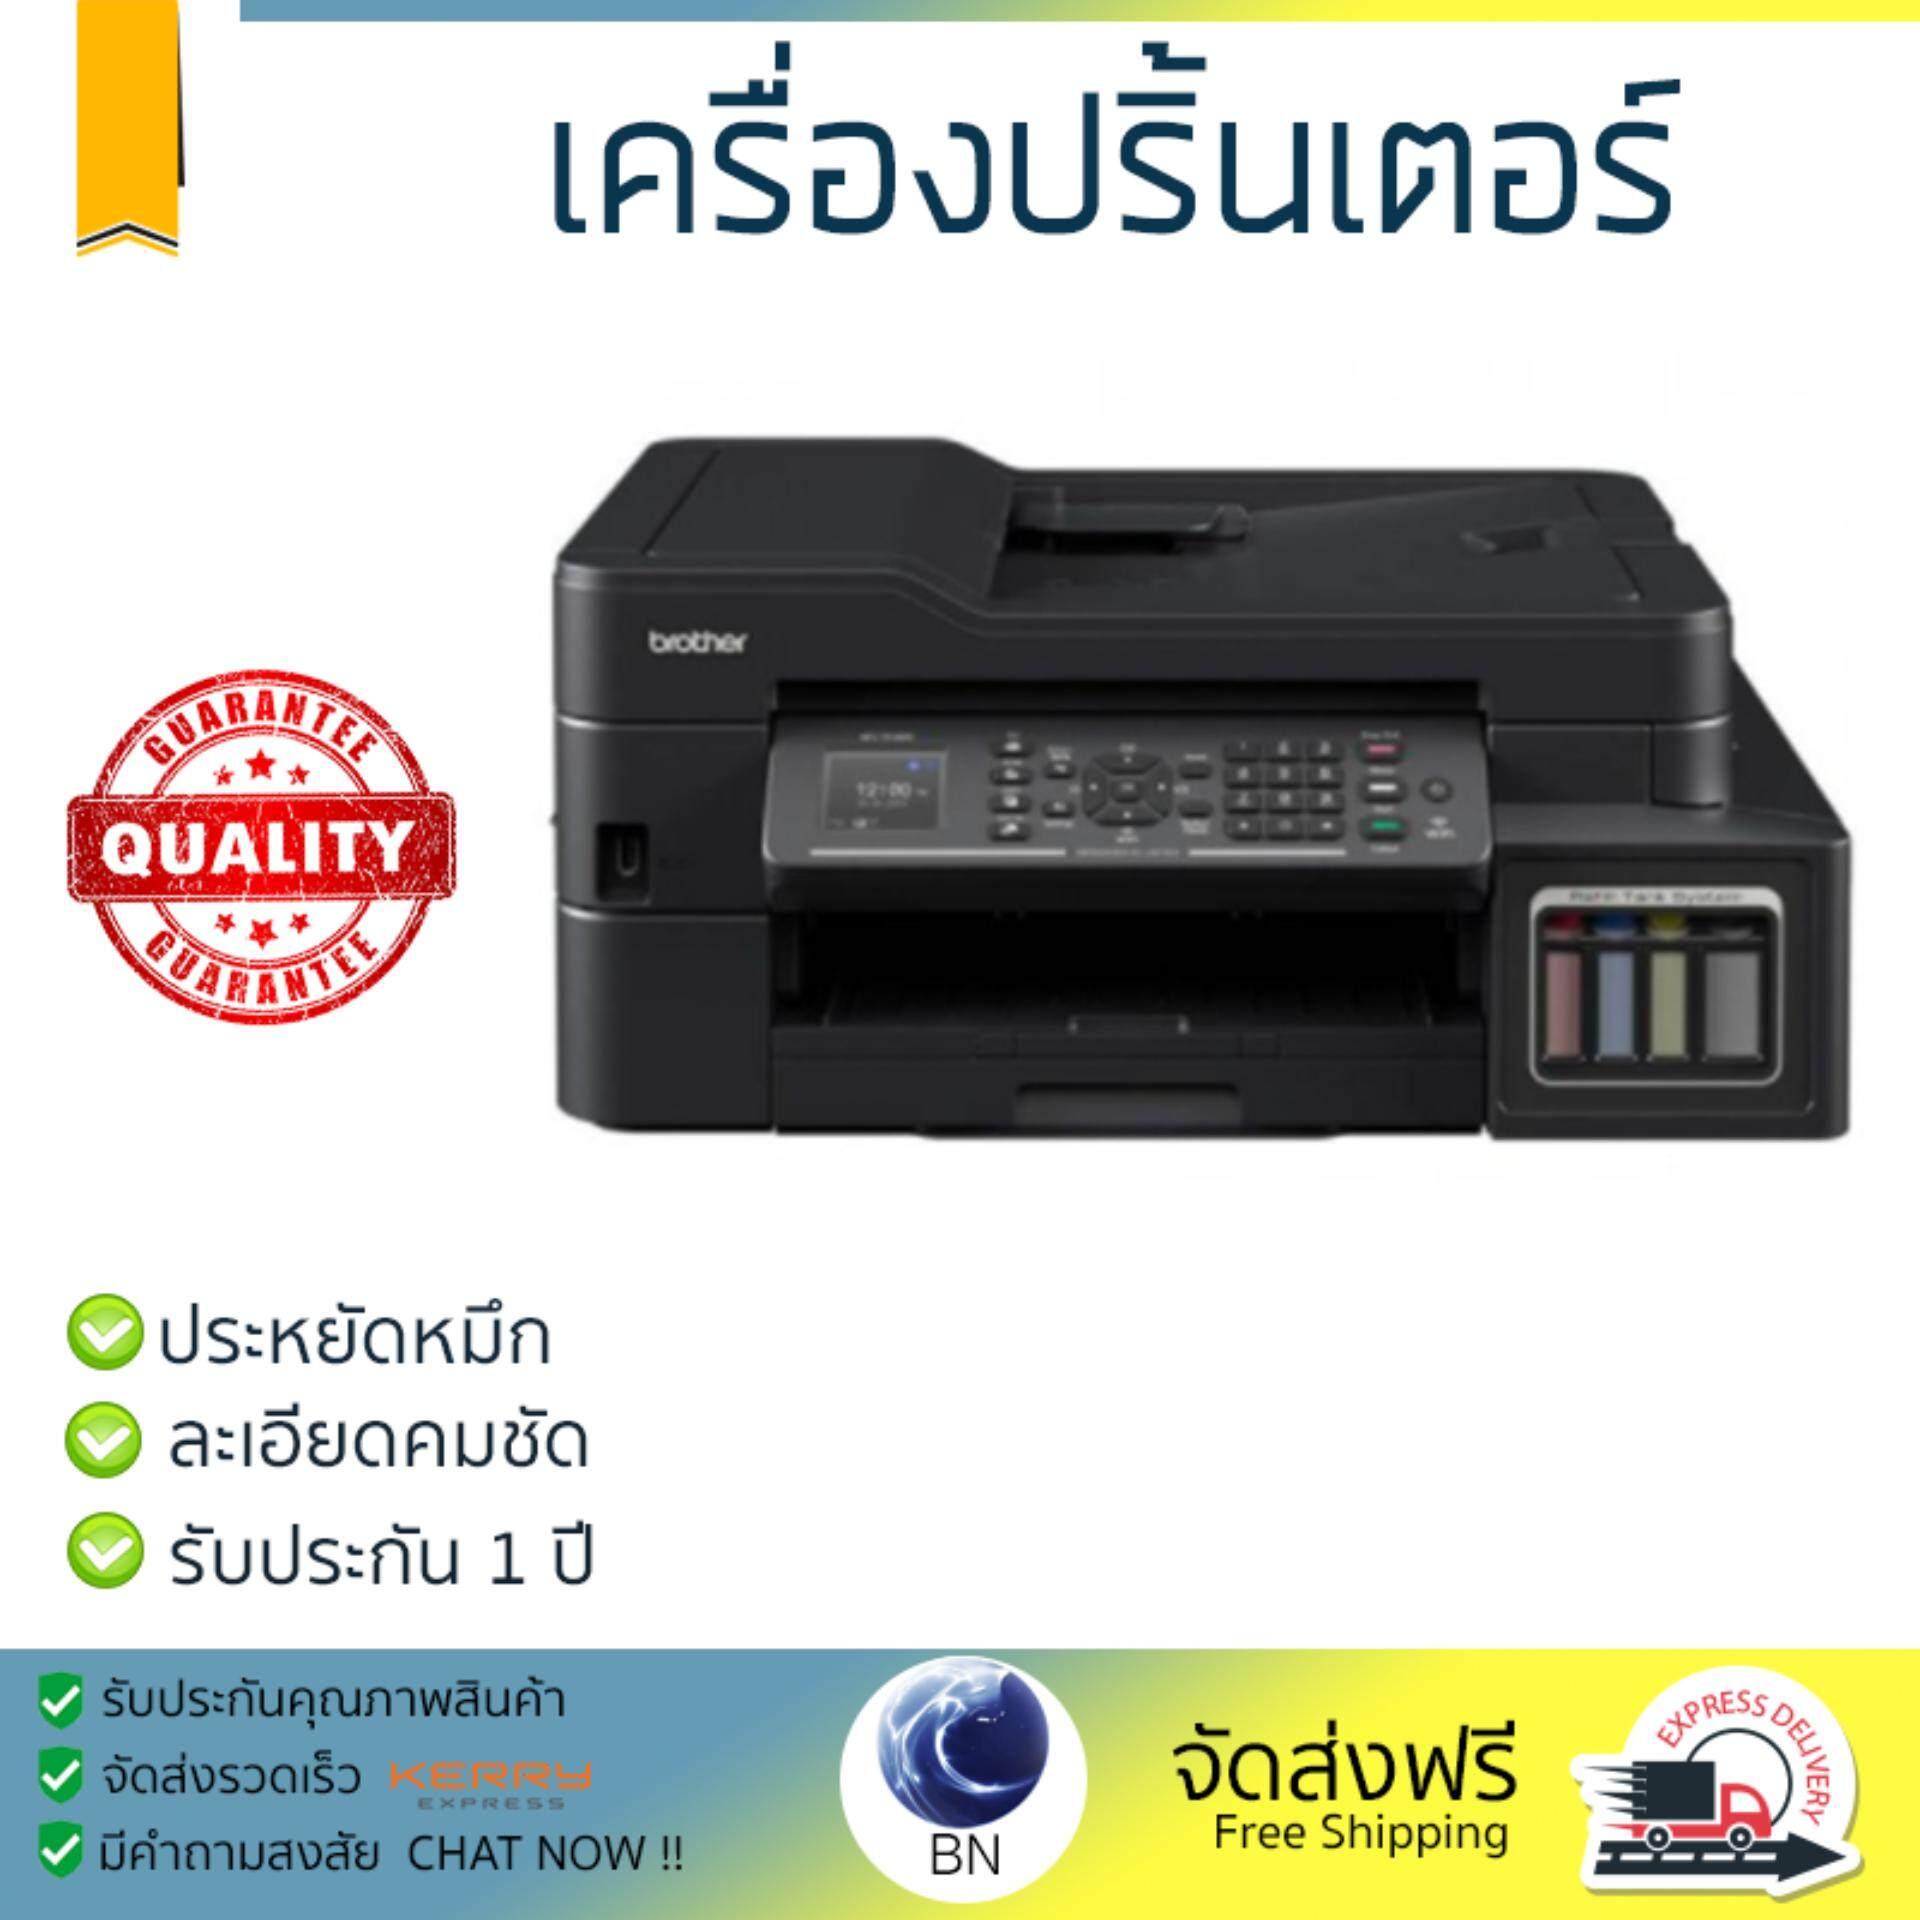 โปรโมชัน เครื่องพิมพ์           BROTHER เครื่องปรินท์มัลติฟังค์ชั่น 4IN1 รุ่น MFC-T910W             ความละเอียดสูง คมชัด ประหยัดหมึก เครื่องปริ้น เครื่องปริ้นท์ All in one Printer รับประกันสินค้า 1 ป